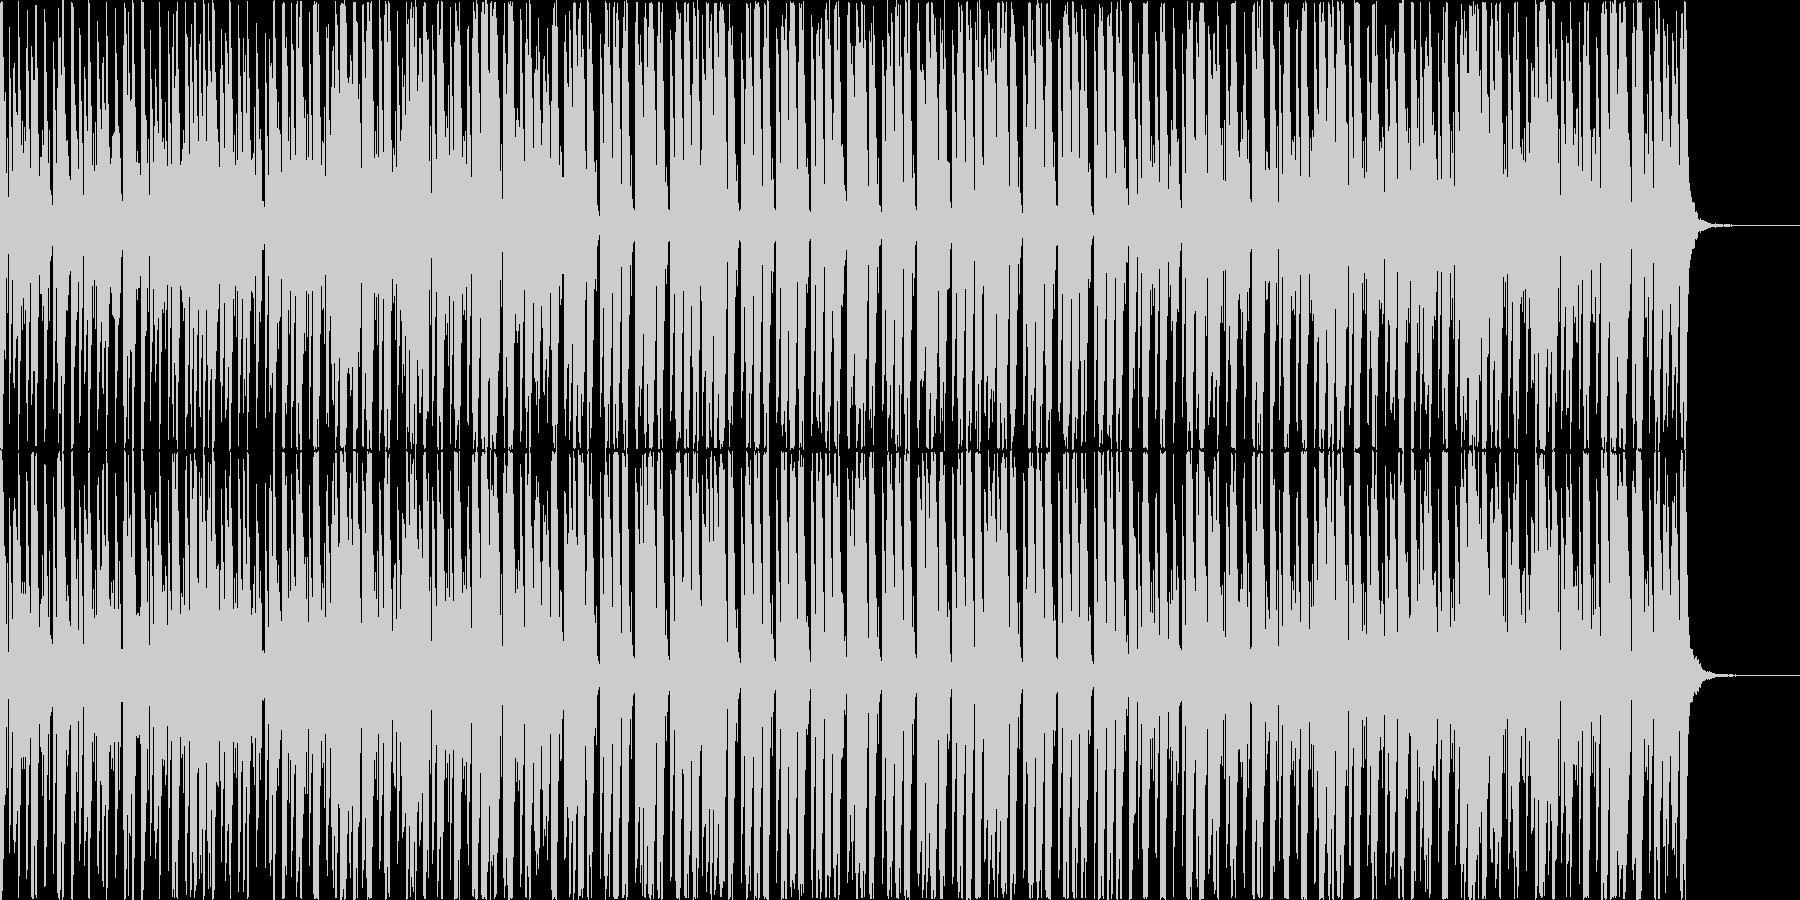 ピアノと弦のおしゃれなポップハウスの未再生の波形